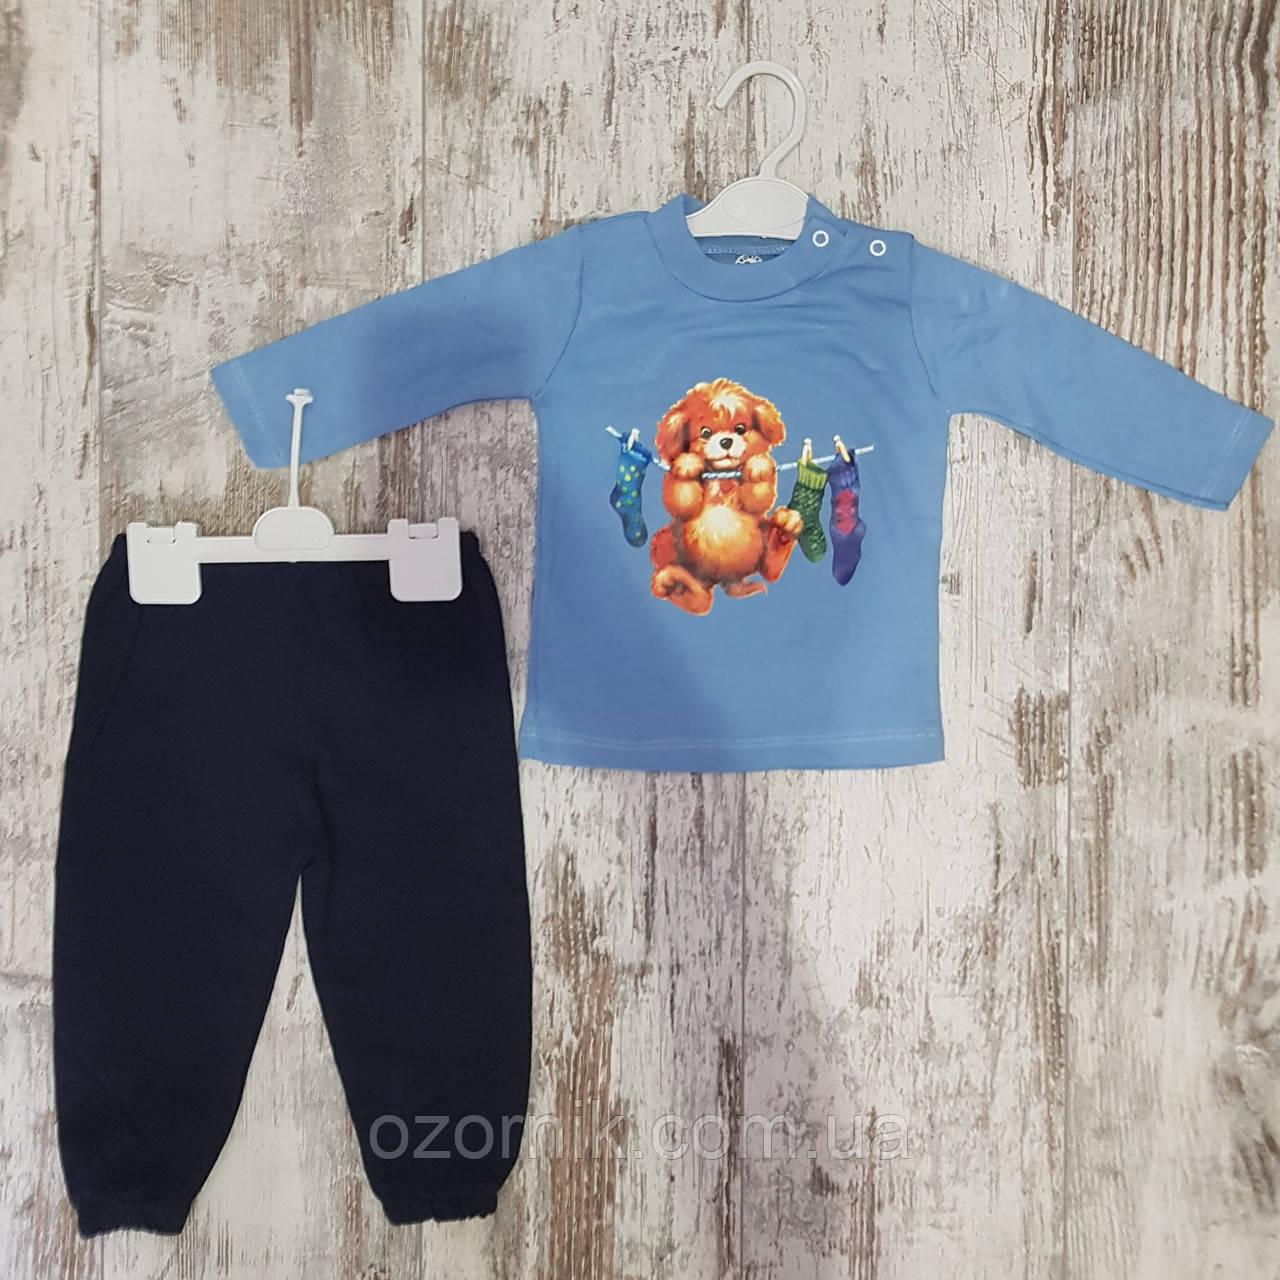 Оптом Батник зі штанами для хлопчиків